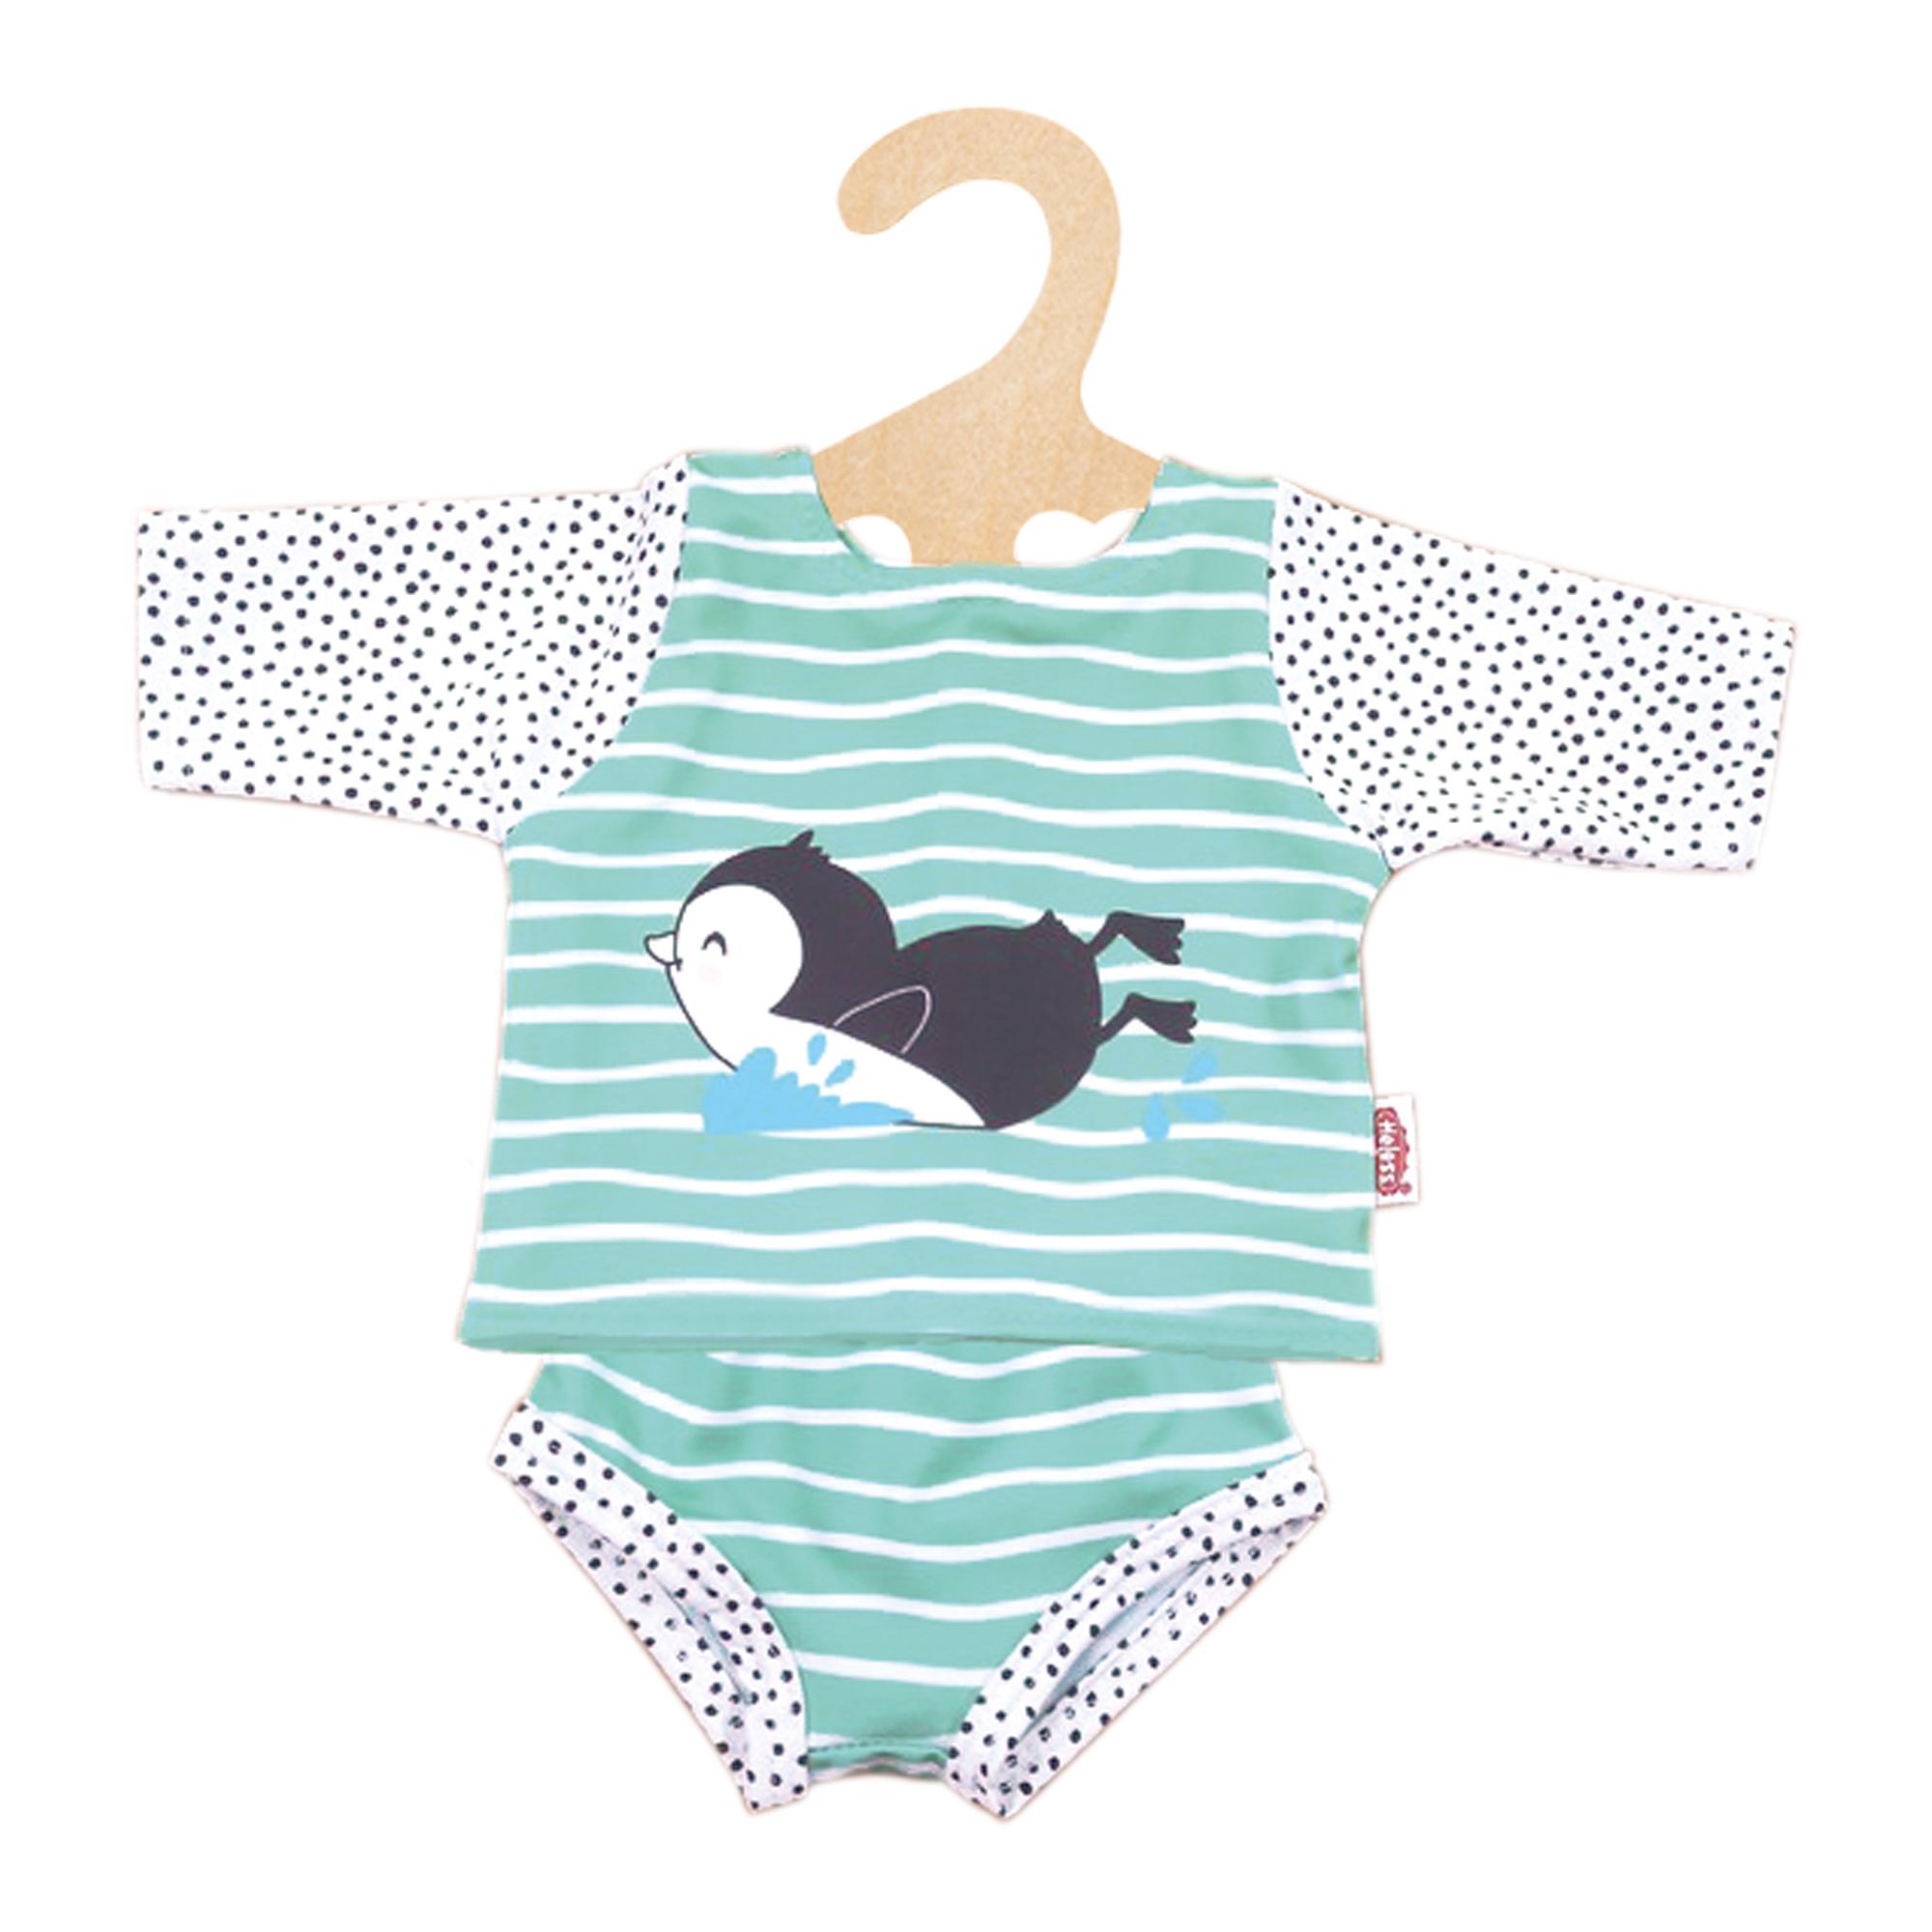 """Schwimm-Outfit """"Pinguin Pünktchen"""", 2-teilig, Gr. 28-35 cm"""